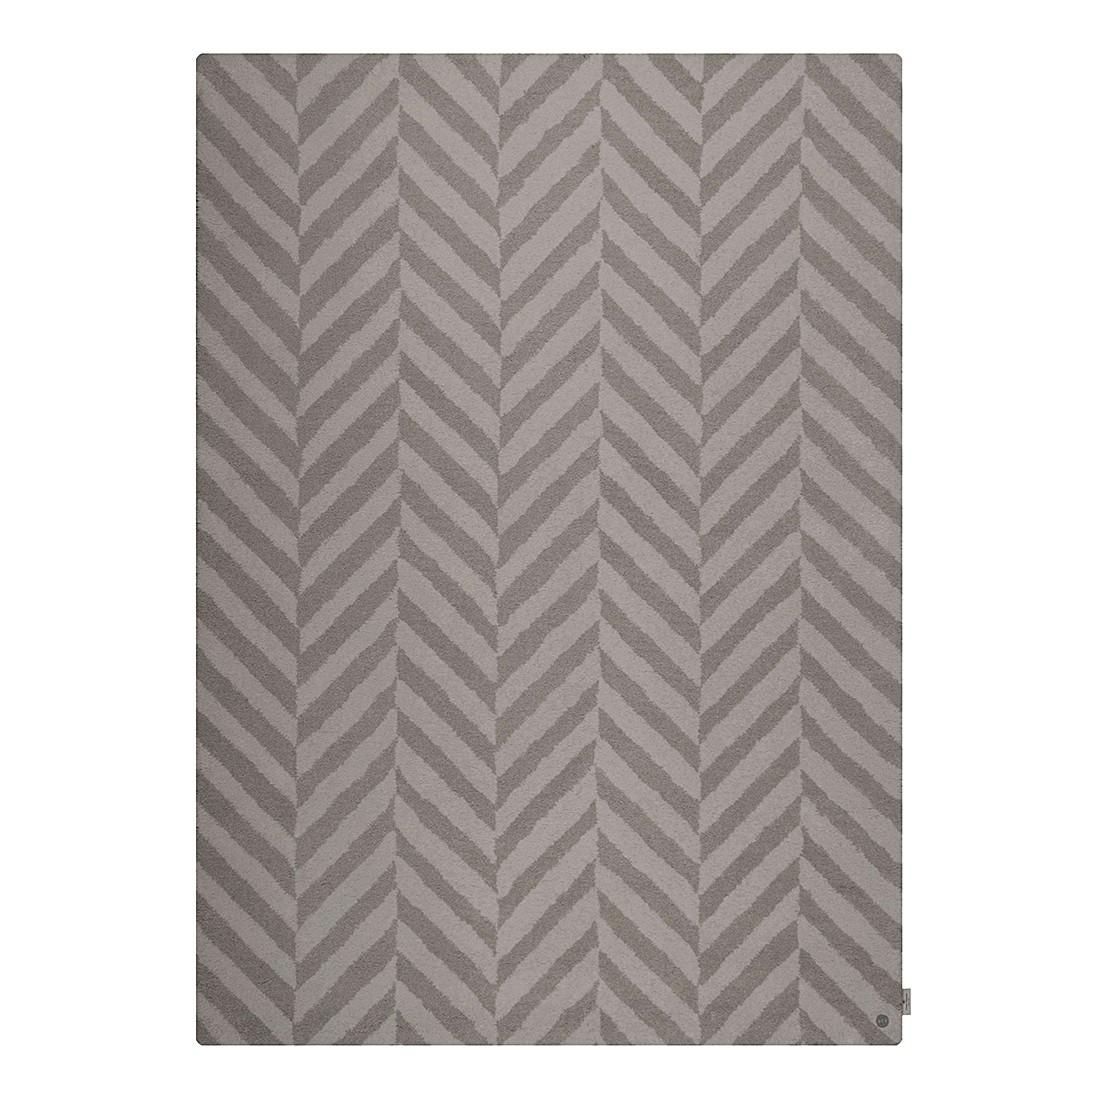 Teppich Country Zigzag – Grau – Maße: 190 x 290 cm, Tom Tailor günstig online kaufen